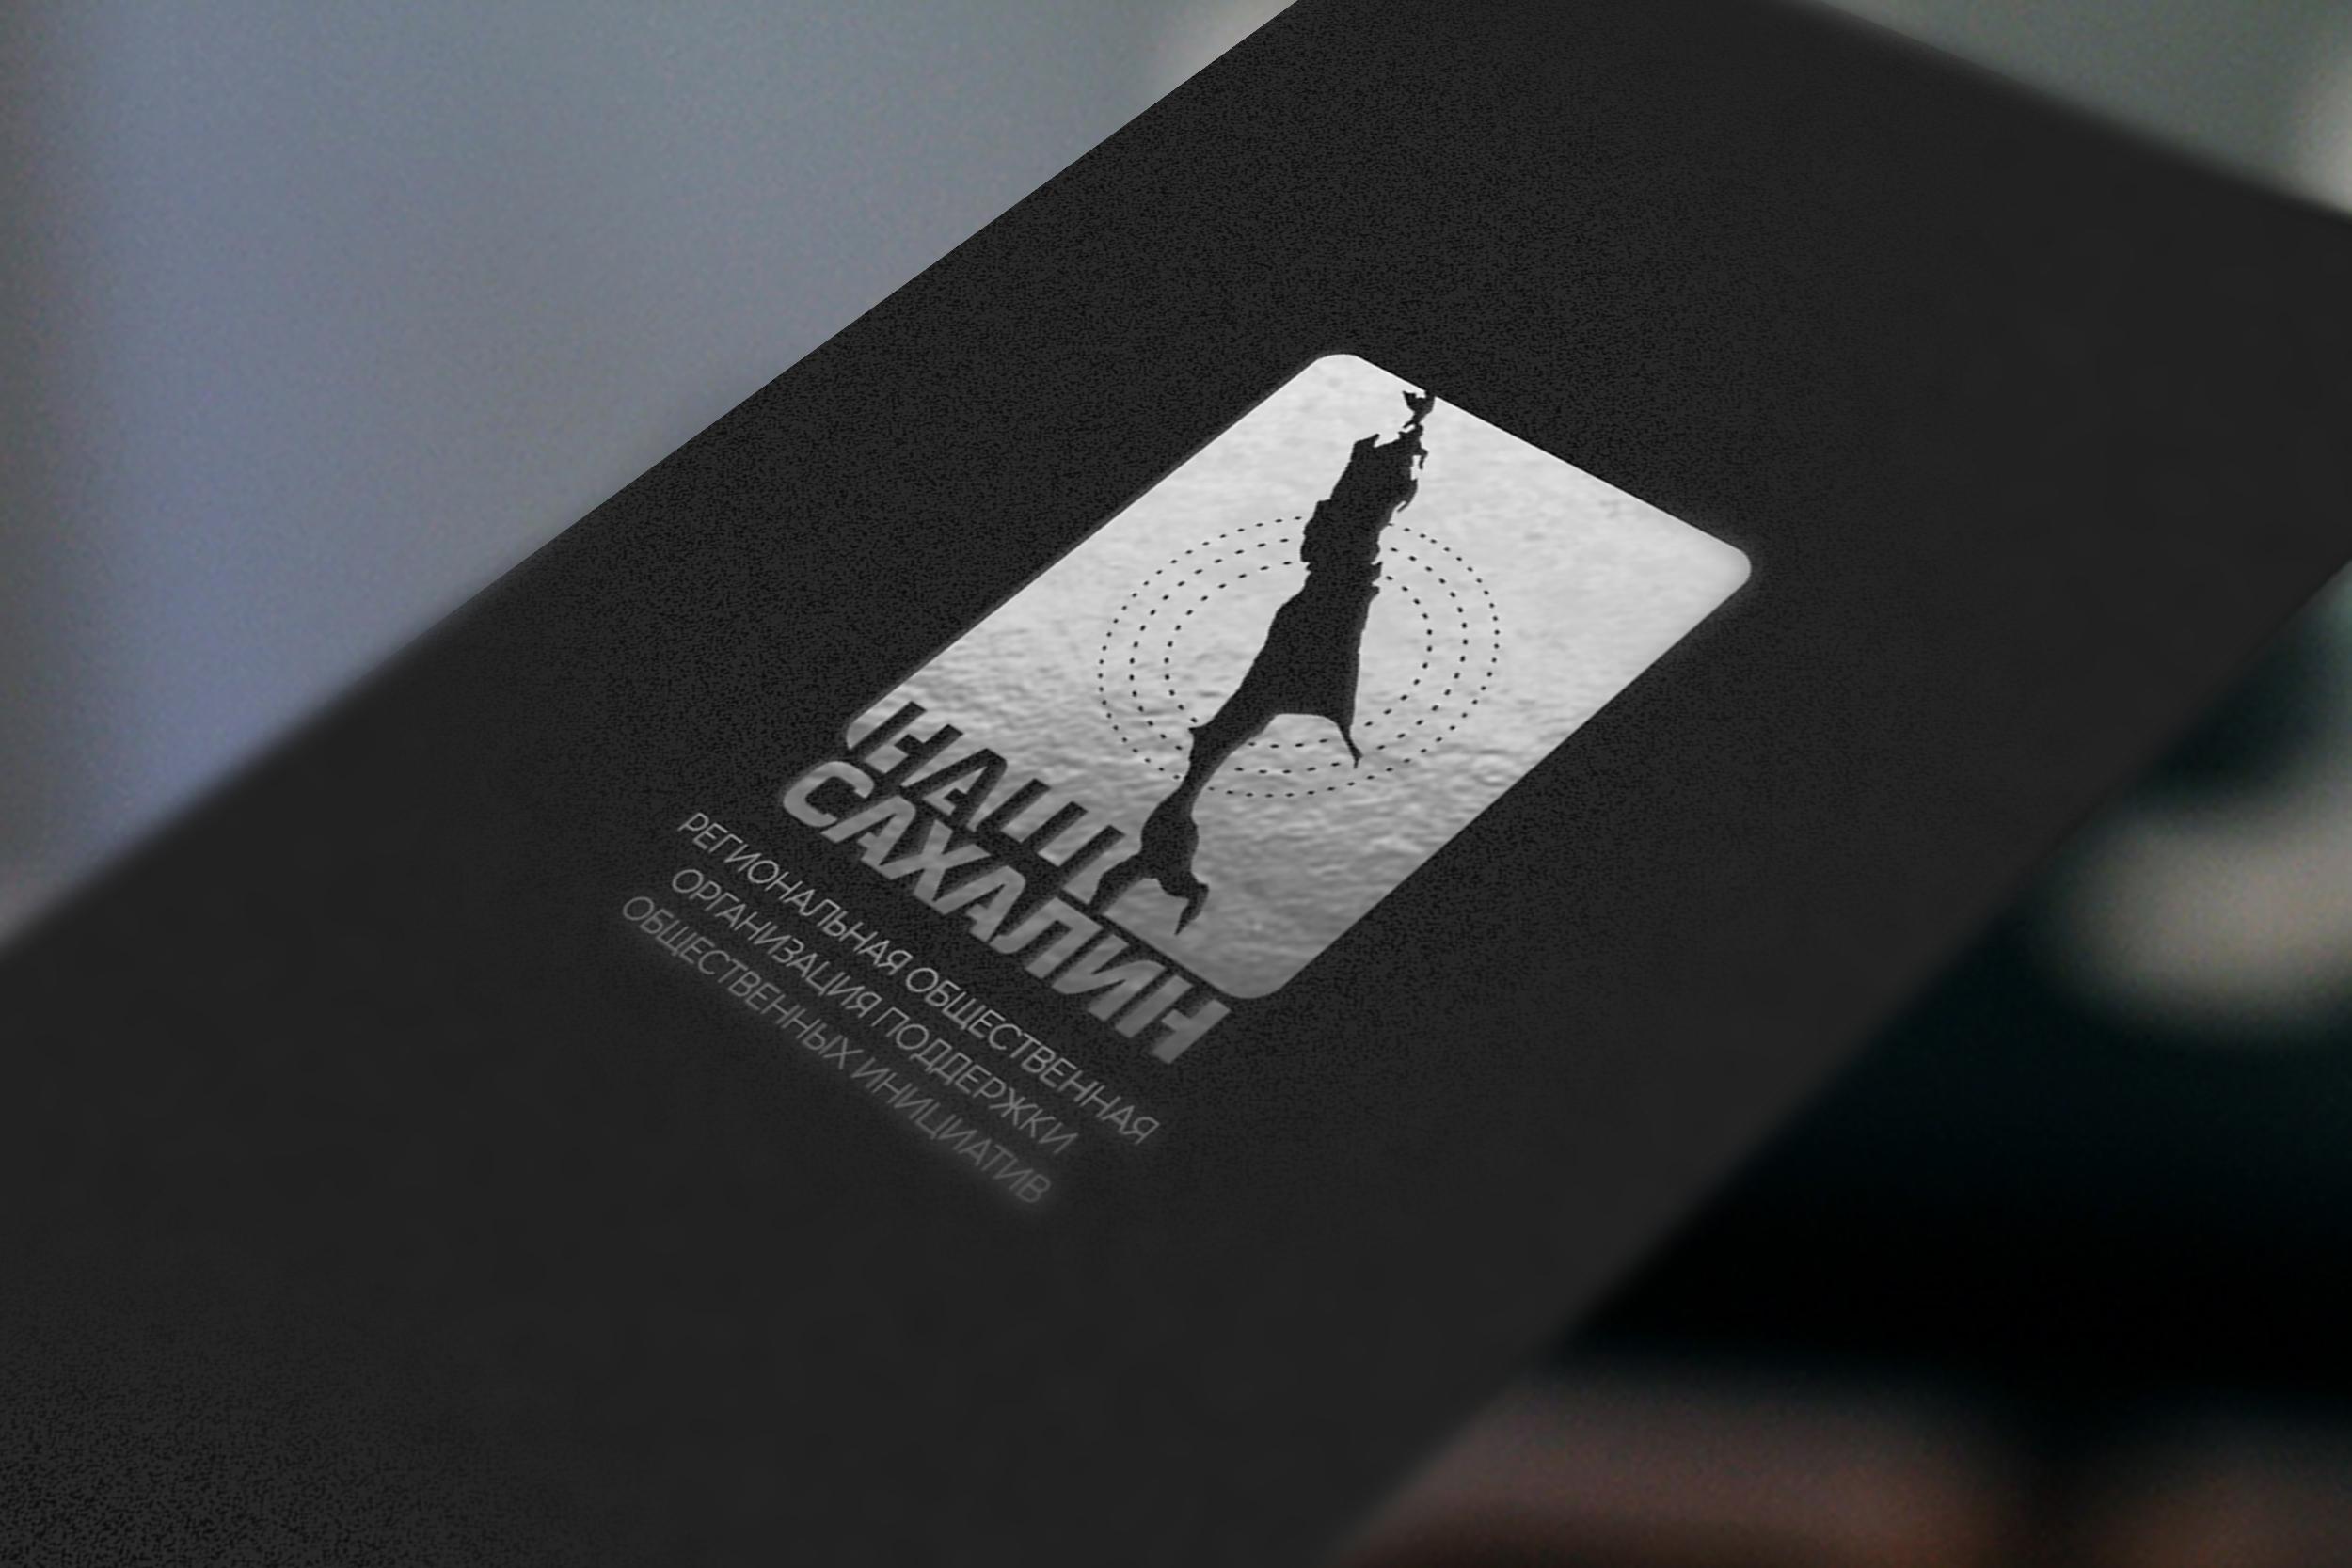 """Логотип для некоммерческой организации """"Наш Сахалин"""" фото f_3765a83e6aa76fc4.jpg"""